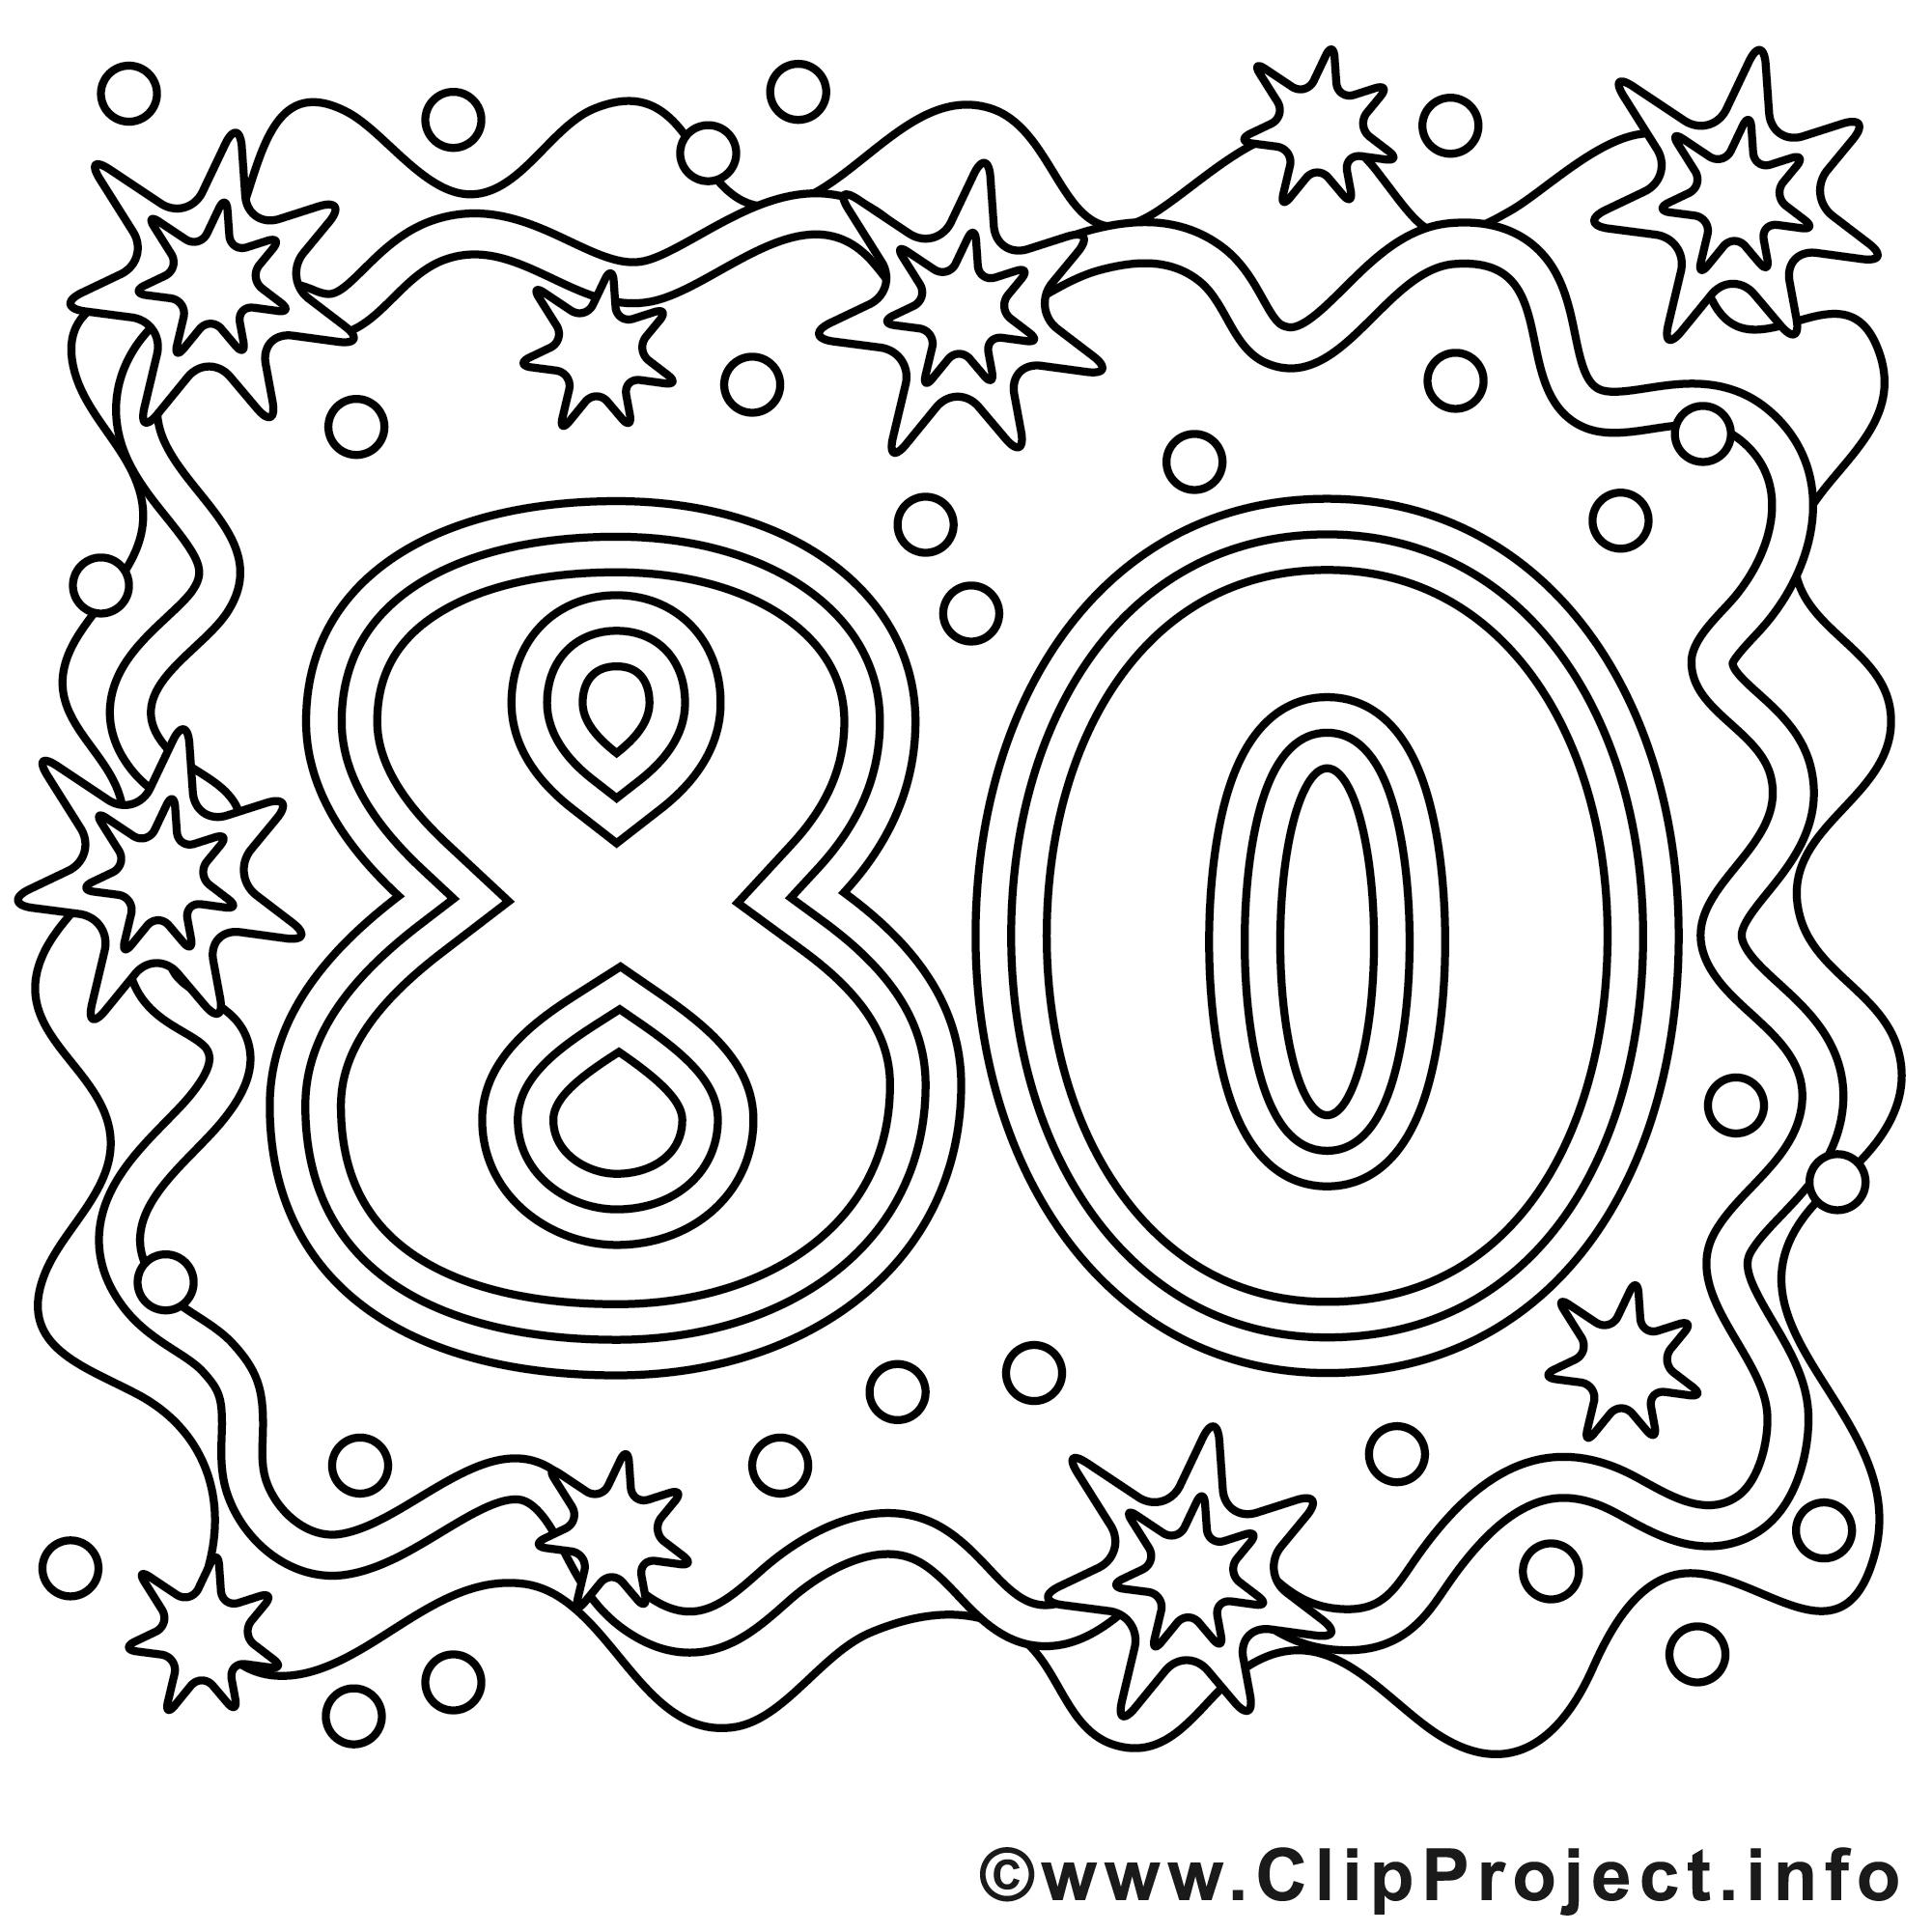 Malvorlage Zum Geburtstag - Malvorlagen Für Kinder über Mandalas Geburtstag